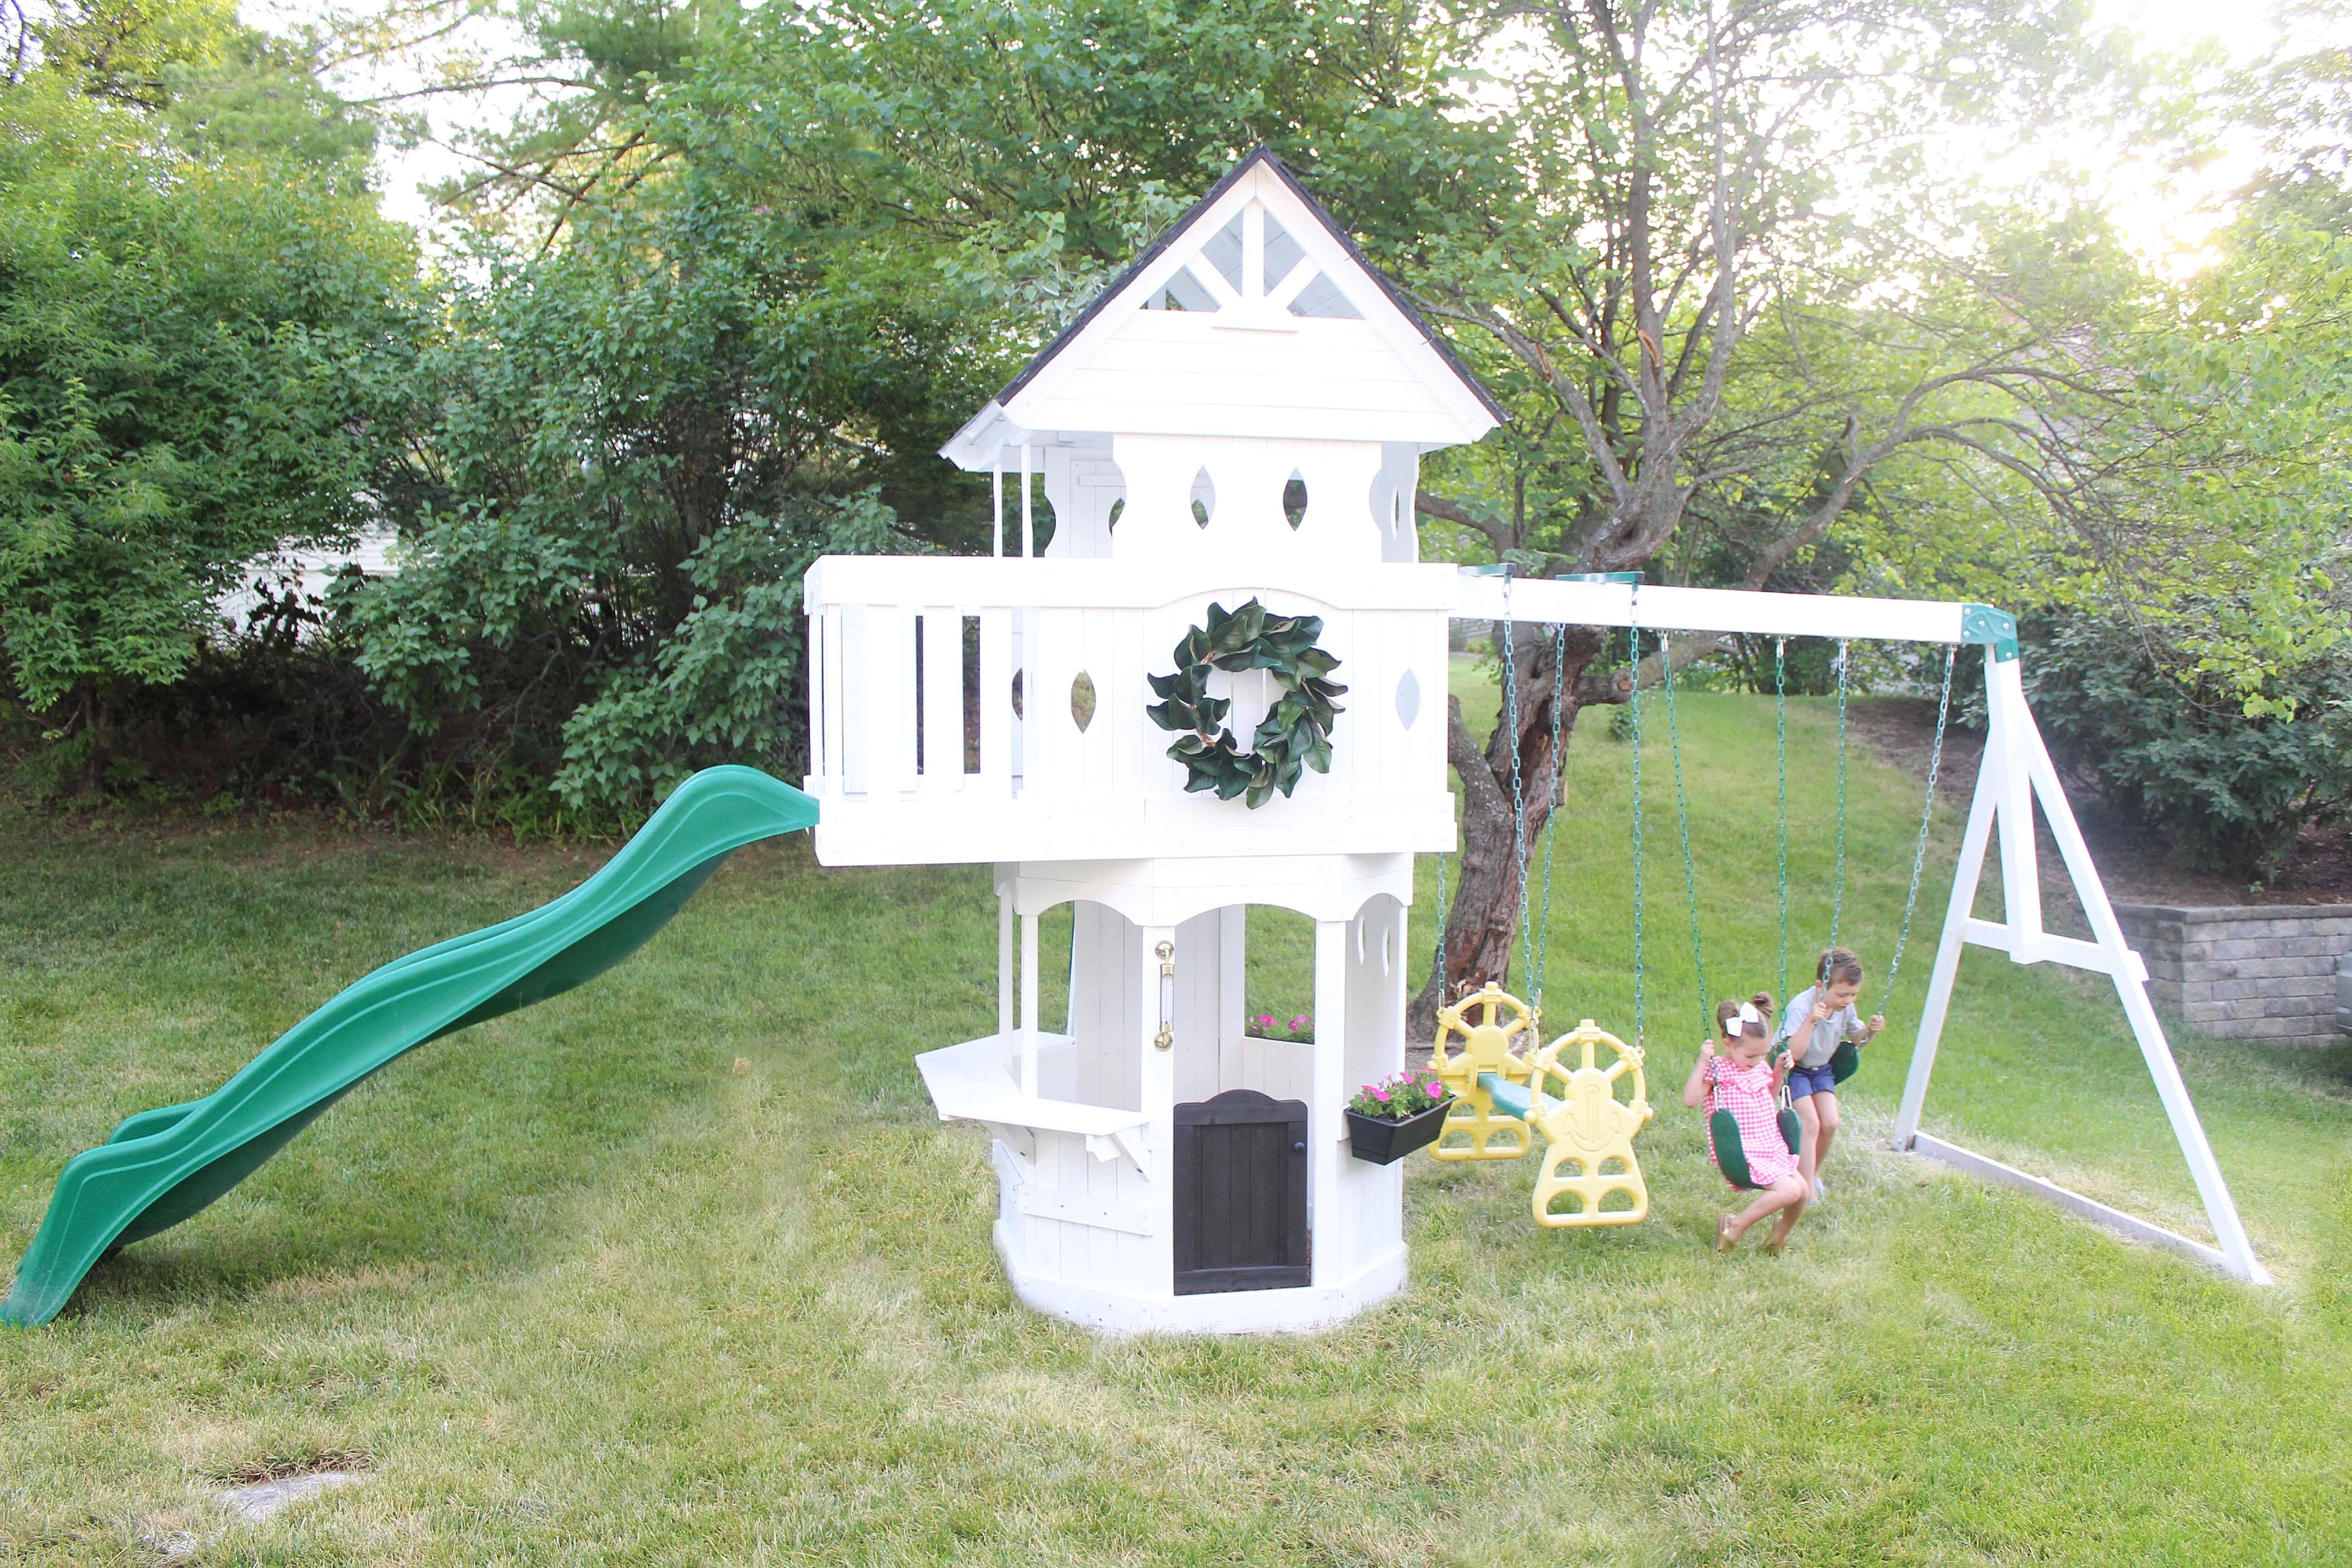 Kids swinging on DIY swingset | DIY Swingset Makeover